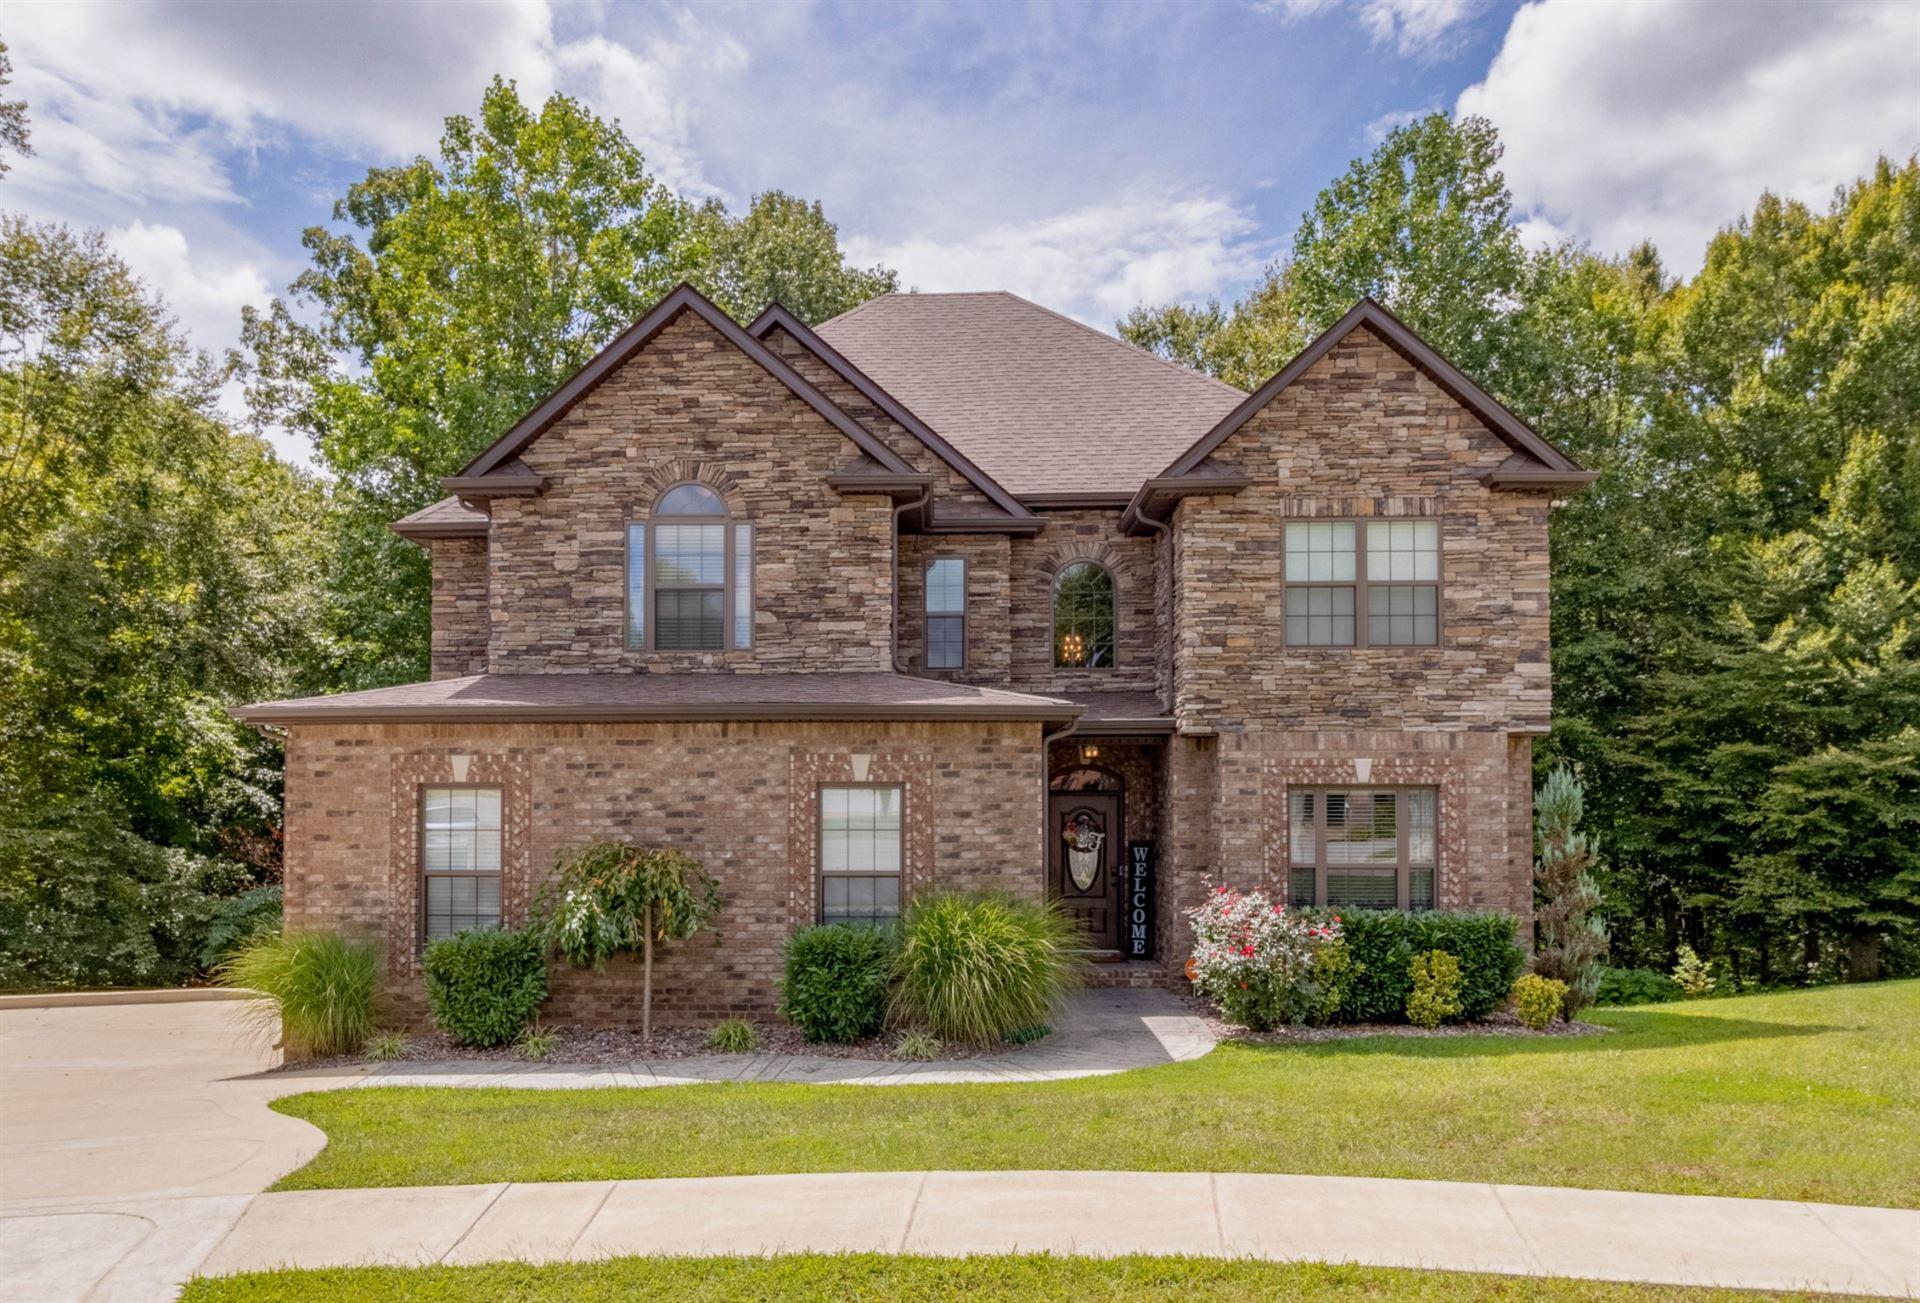 2572 Village Ct, Clarksville, TN 37043 - MLS#: 2183770